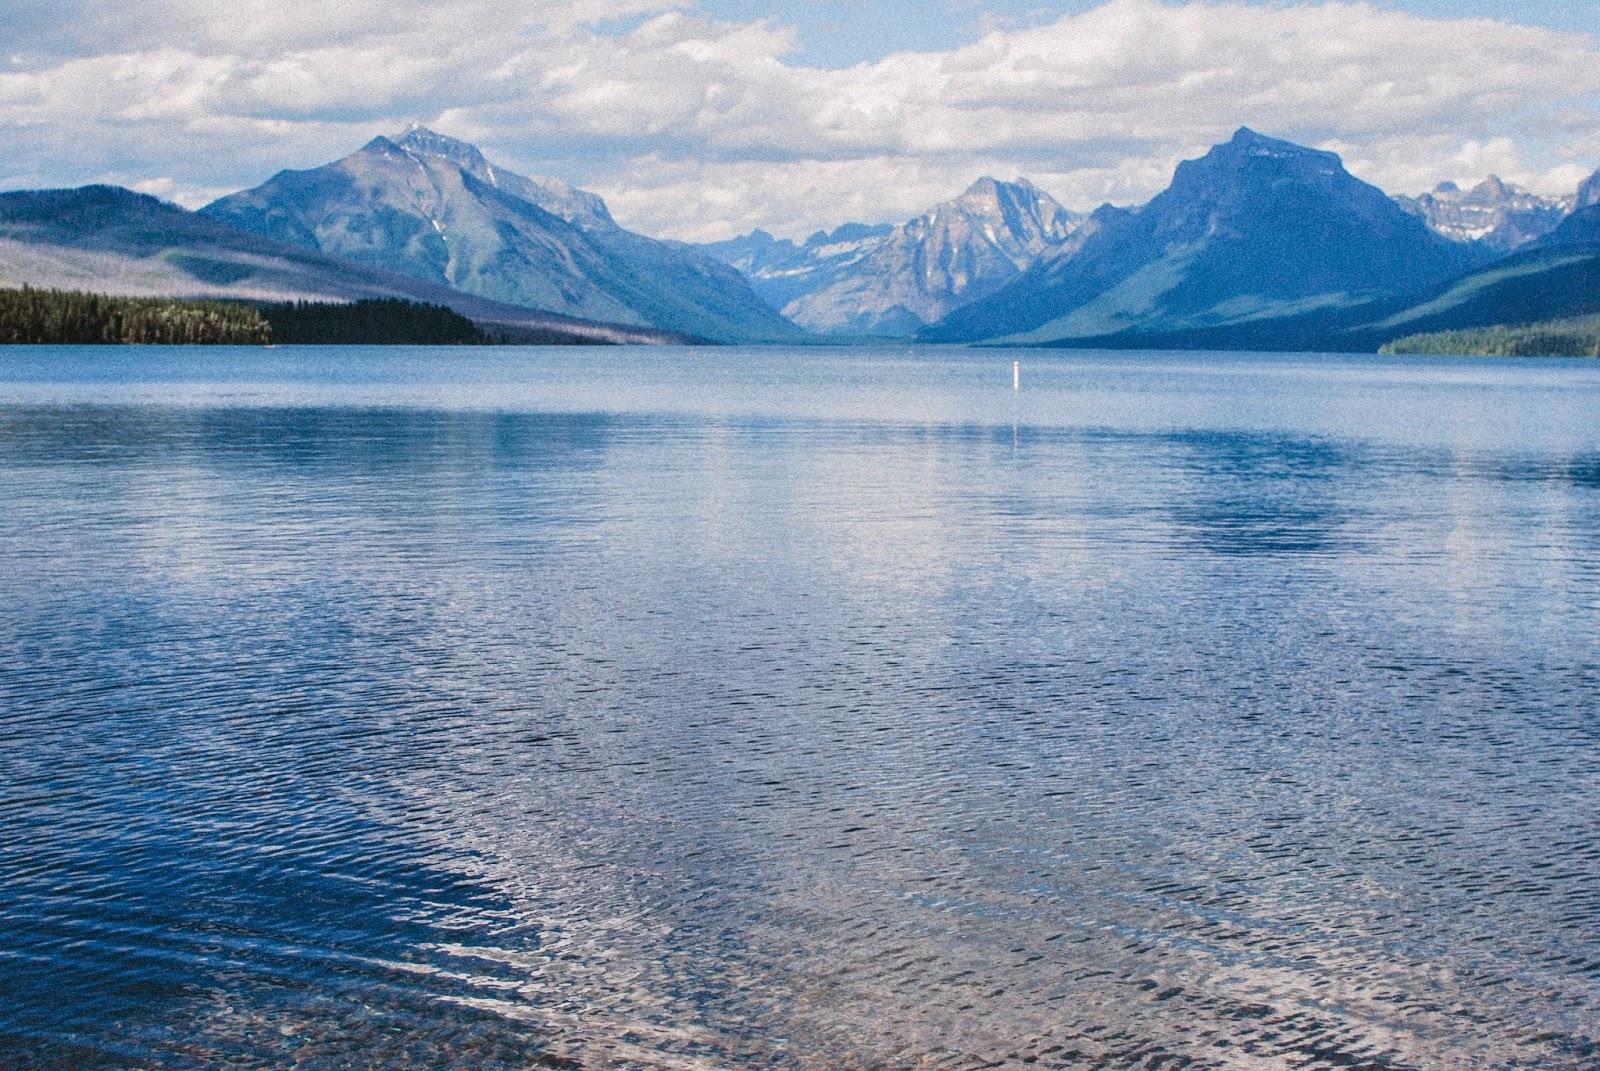 LakeMcdonald2.jpg